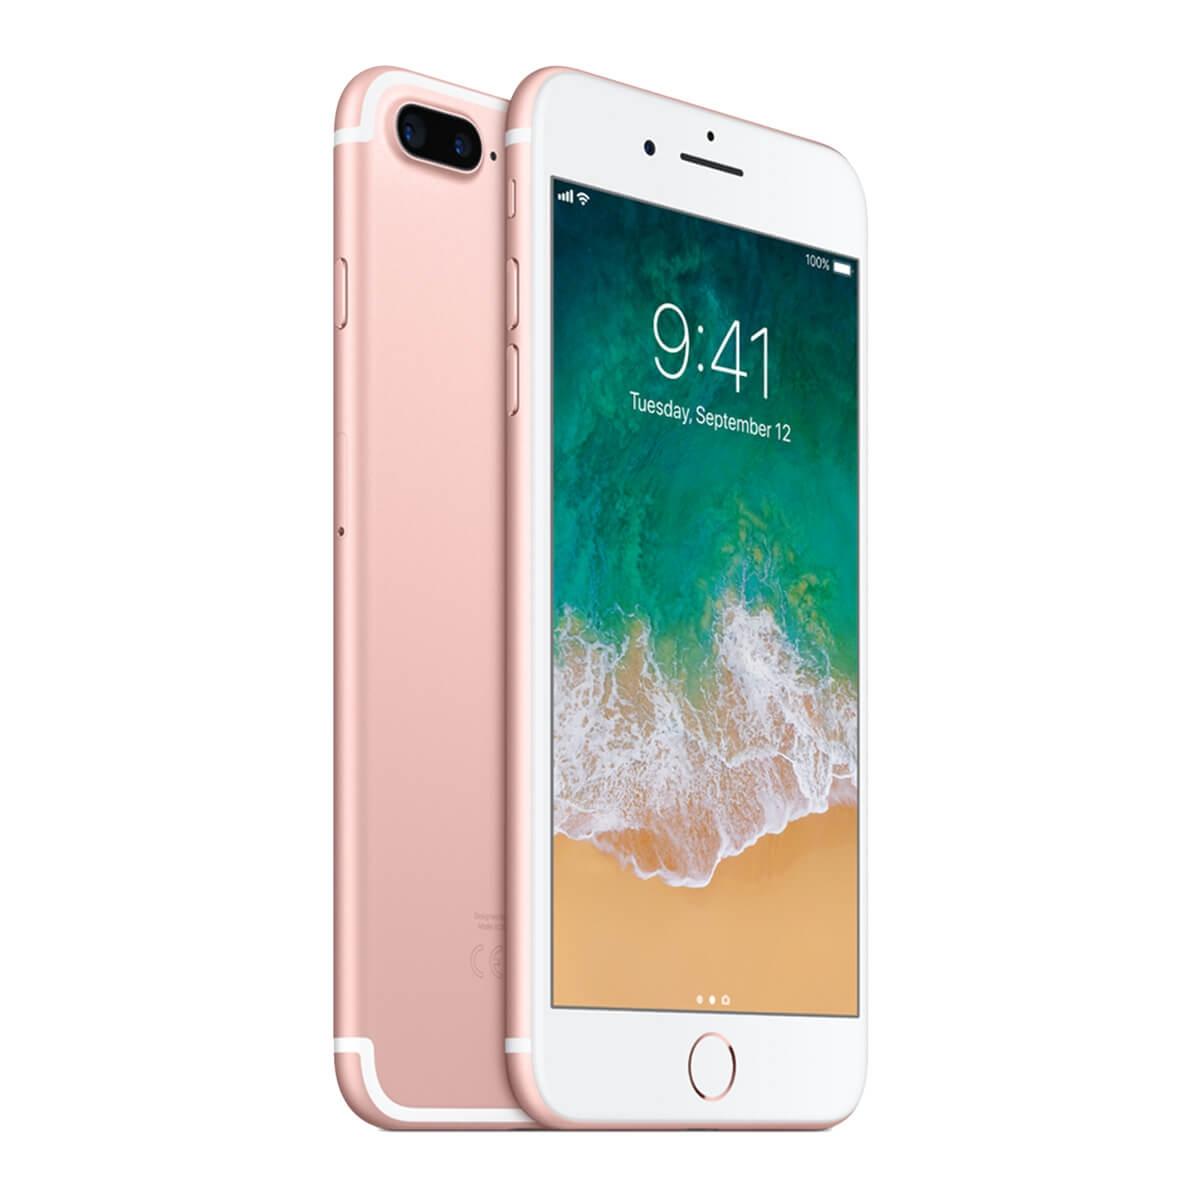 Apple iPhone 7 Plus 128G購物比價第4頁 -FindPrice 價格網